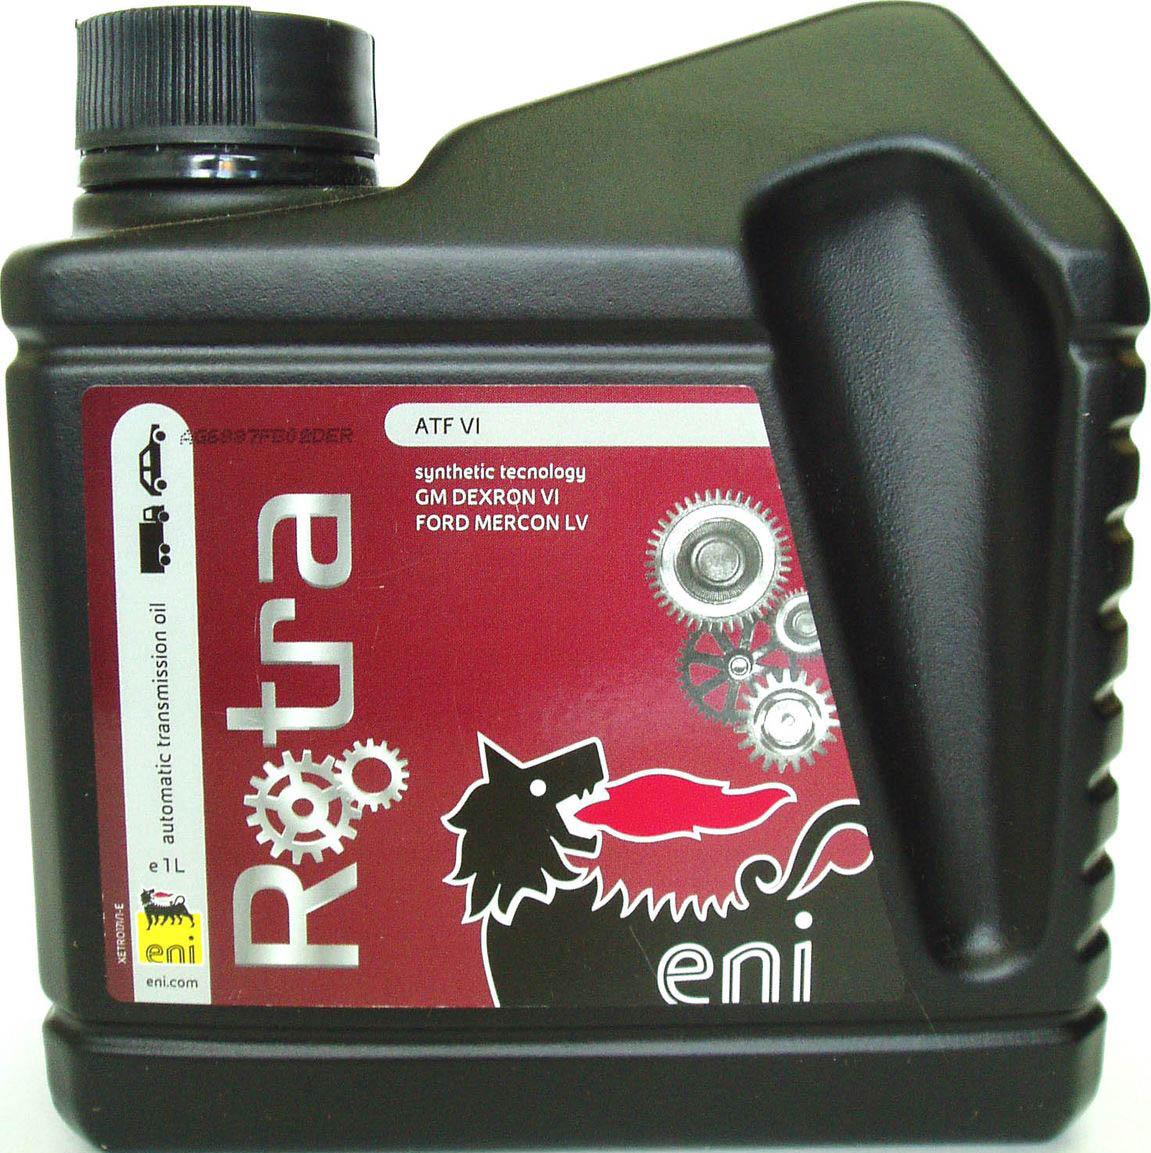 трансмиссионное масло Eni Rotra ATF VI 1лS03301004Еni Rotra ATF VI – это маловязкое синтетическое масло, обладающее высокими эксплуатационными характеристиками, разработанное на основе синтетических базовых масел класса премиум, с использованием усовершенствованной технологии добавления присадок, результатом чего стало превышение жестких требований, предусматриваемых спецификацией GM DEXRON-VI, необходимых для оптимального использования в пассажирских и грузовых автомобилях, оборудованных основной коробкой передач. Масло Еni Rotra ATF VI является полностью совместимым с прочими смазочными материалами, благодаря чему оно рекомендовано для использования в автоматических коробках передач или системах рулевого управления с усилителем пассажирских и грузовых автомобилей, параметры масла которых должны соответствовать спецификациям DEXRON II-E, III-G и III-H. Еni Rotra ATF VI демонстрирует чрезвычайную устойчивость к окислению в тяжелых условиях, что обеспечивает плавность переключения передач и надолго предотвращает образование шлаков и отложений. Противовспенивающие свойства указанной продукции предотвращают образование пузырьков воздуха, которые могут оказывать негативное воздействие на однородность смазывающего слоя, и обеспечивают быстрый выпуск воздуха. Противоизносные свойства указанной продукции обеспечивают надежную защиту и безопасность системы трансмиссии. Еni Rotra ATF VI обладает оптимальными фрикционными свойствами, обеспечивающими плавное переключение скоростей в условиях низких температур и помогающими предотвратить вибрацию коробки передач.ХарактеристикиСпецификации и одобрения GM DEXRON VI H, JWS 3324, FORD MERCON LV, MITSUBISHI SP-IV, JASO 1-A, MITSUBISHI ATF-J2, AISIN WARNER AW-1, NISSAN MATIC S, HONDA DW-1, SAAB 93 165 147, HYUNDAY/KIA SP-IV, TOTYOTA WS, HYUNDAY NWS-9638